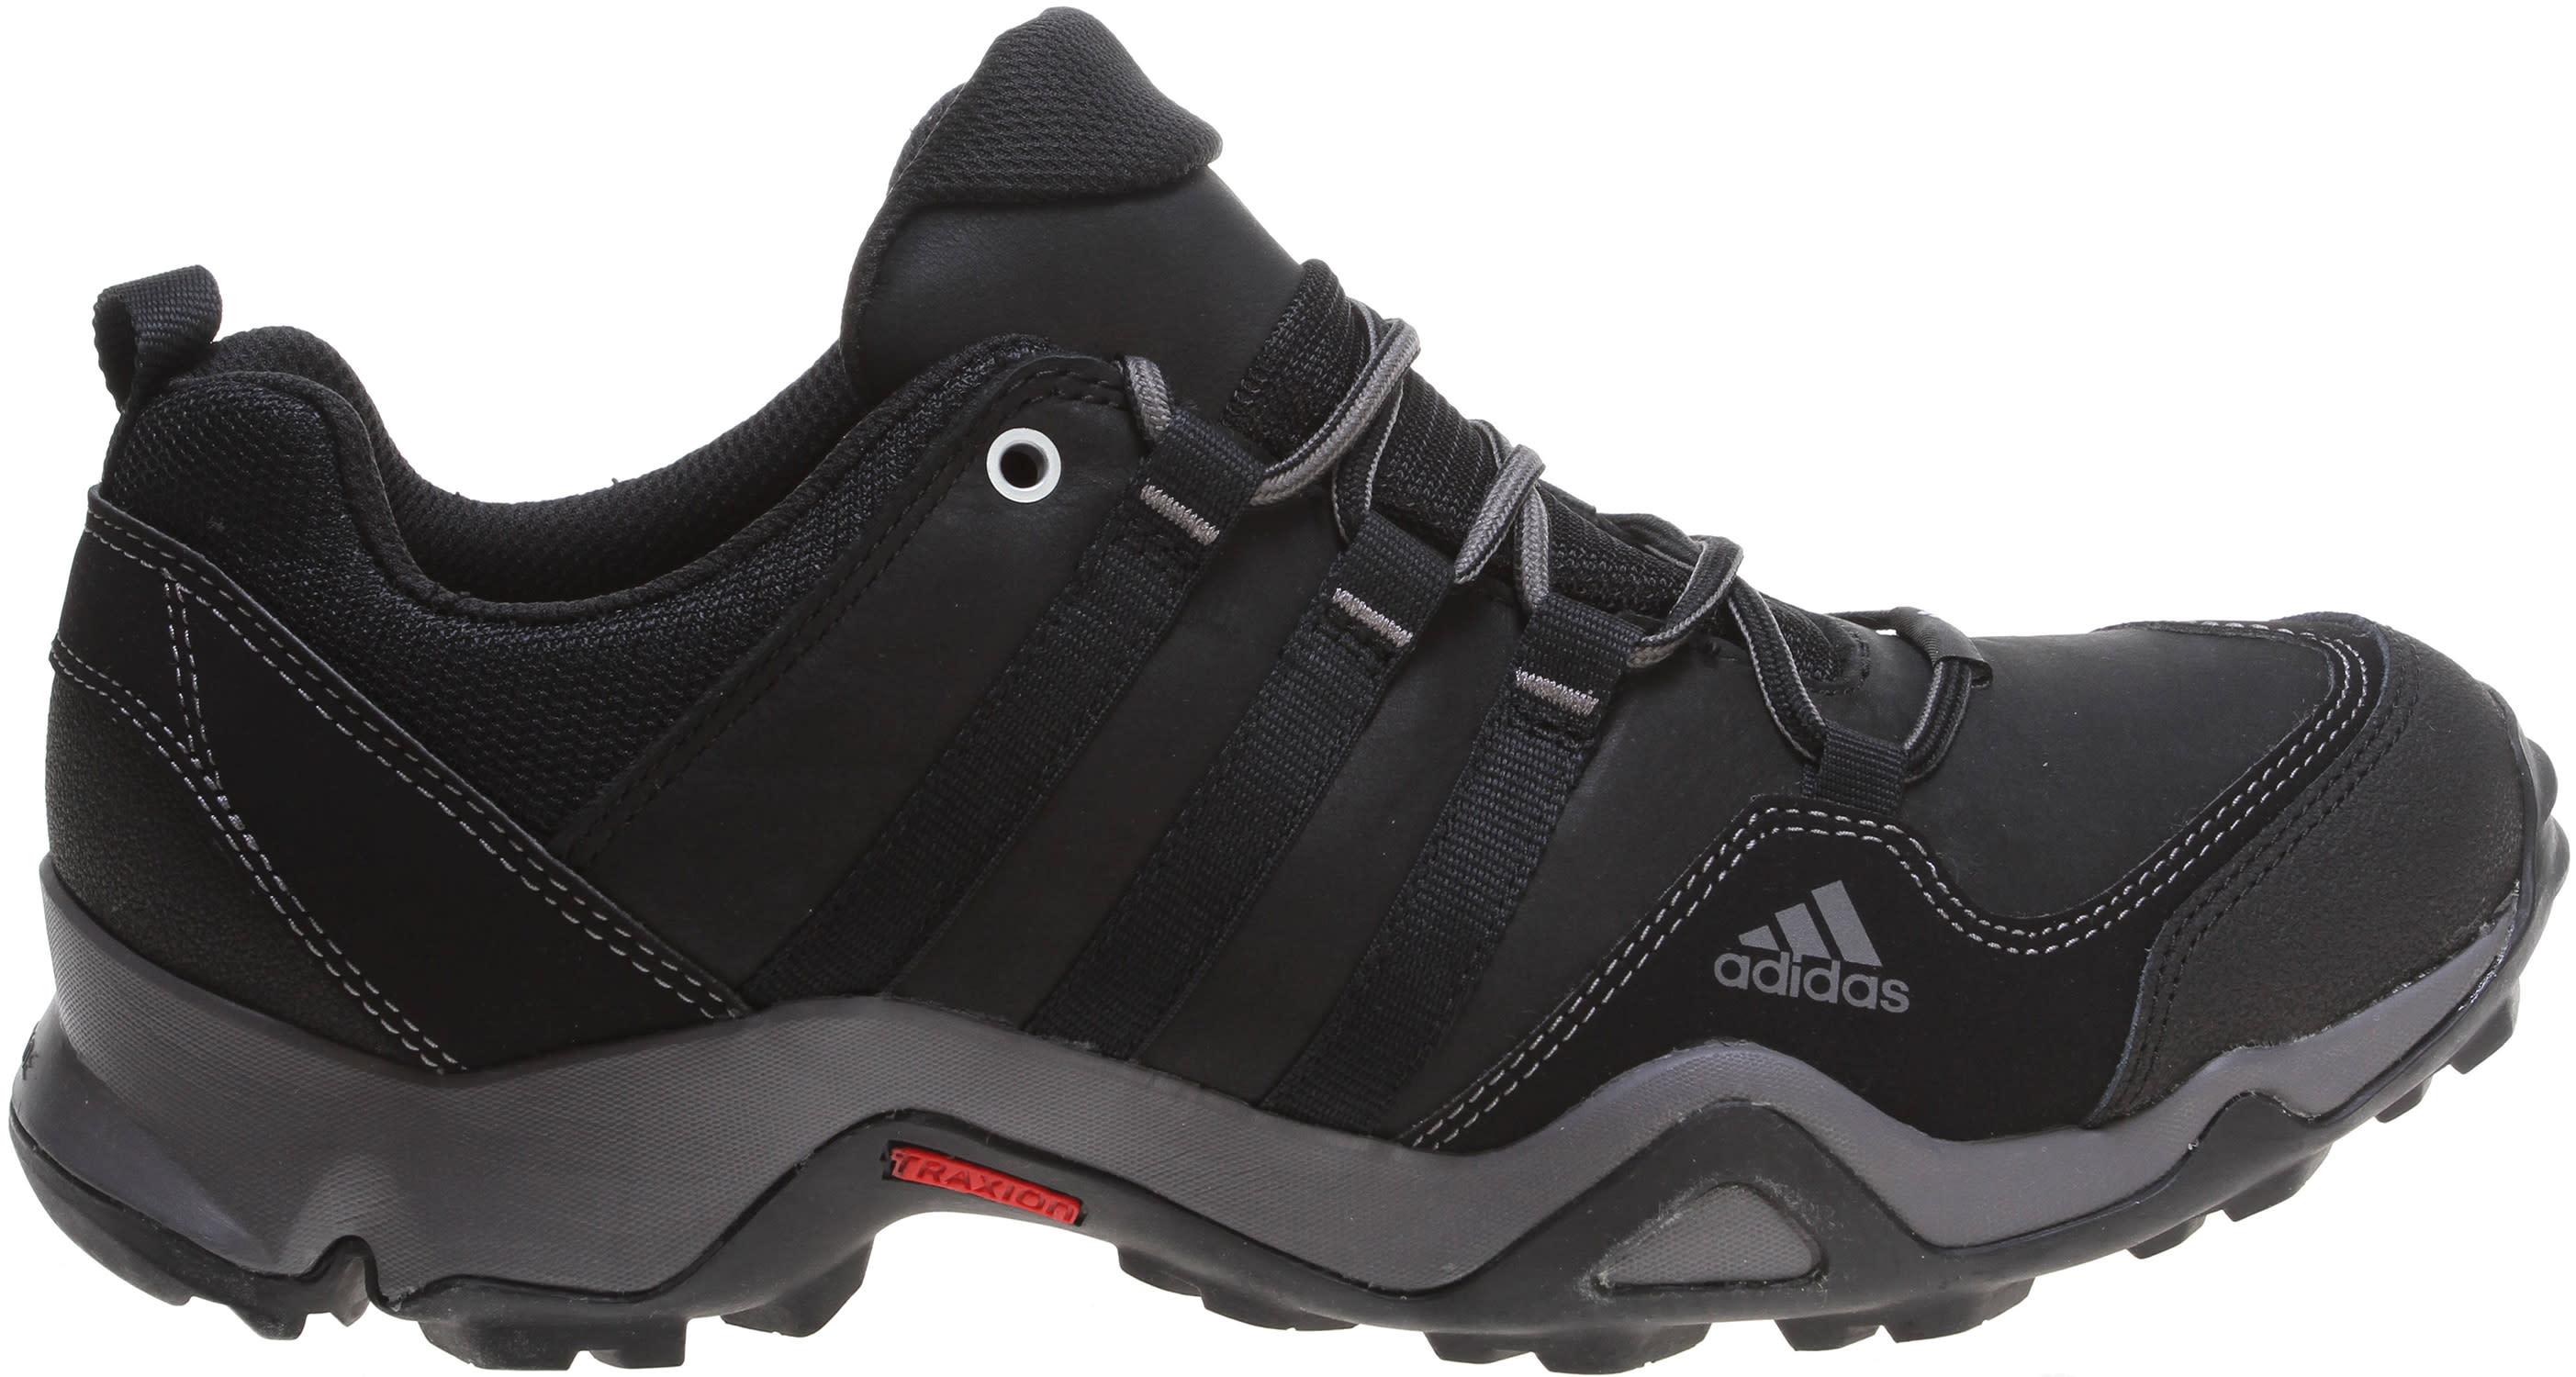 Adidas Brushwood Leather Hiking Shoes